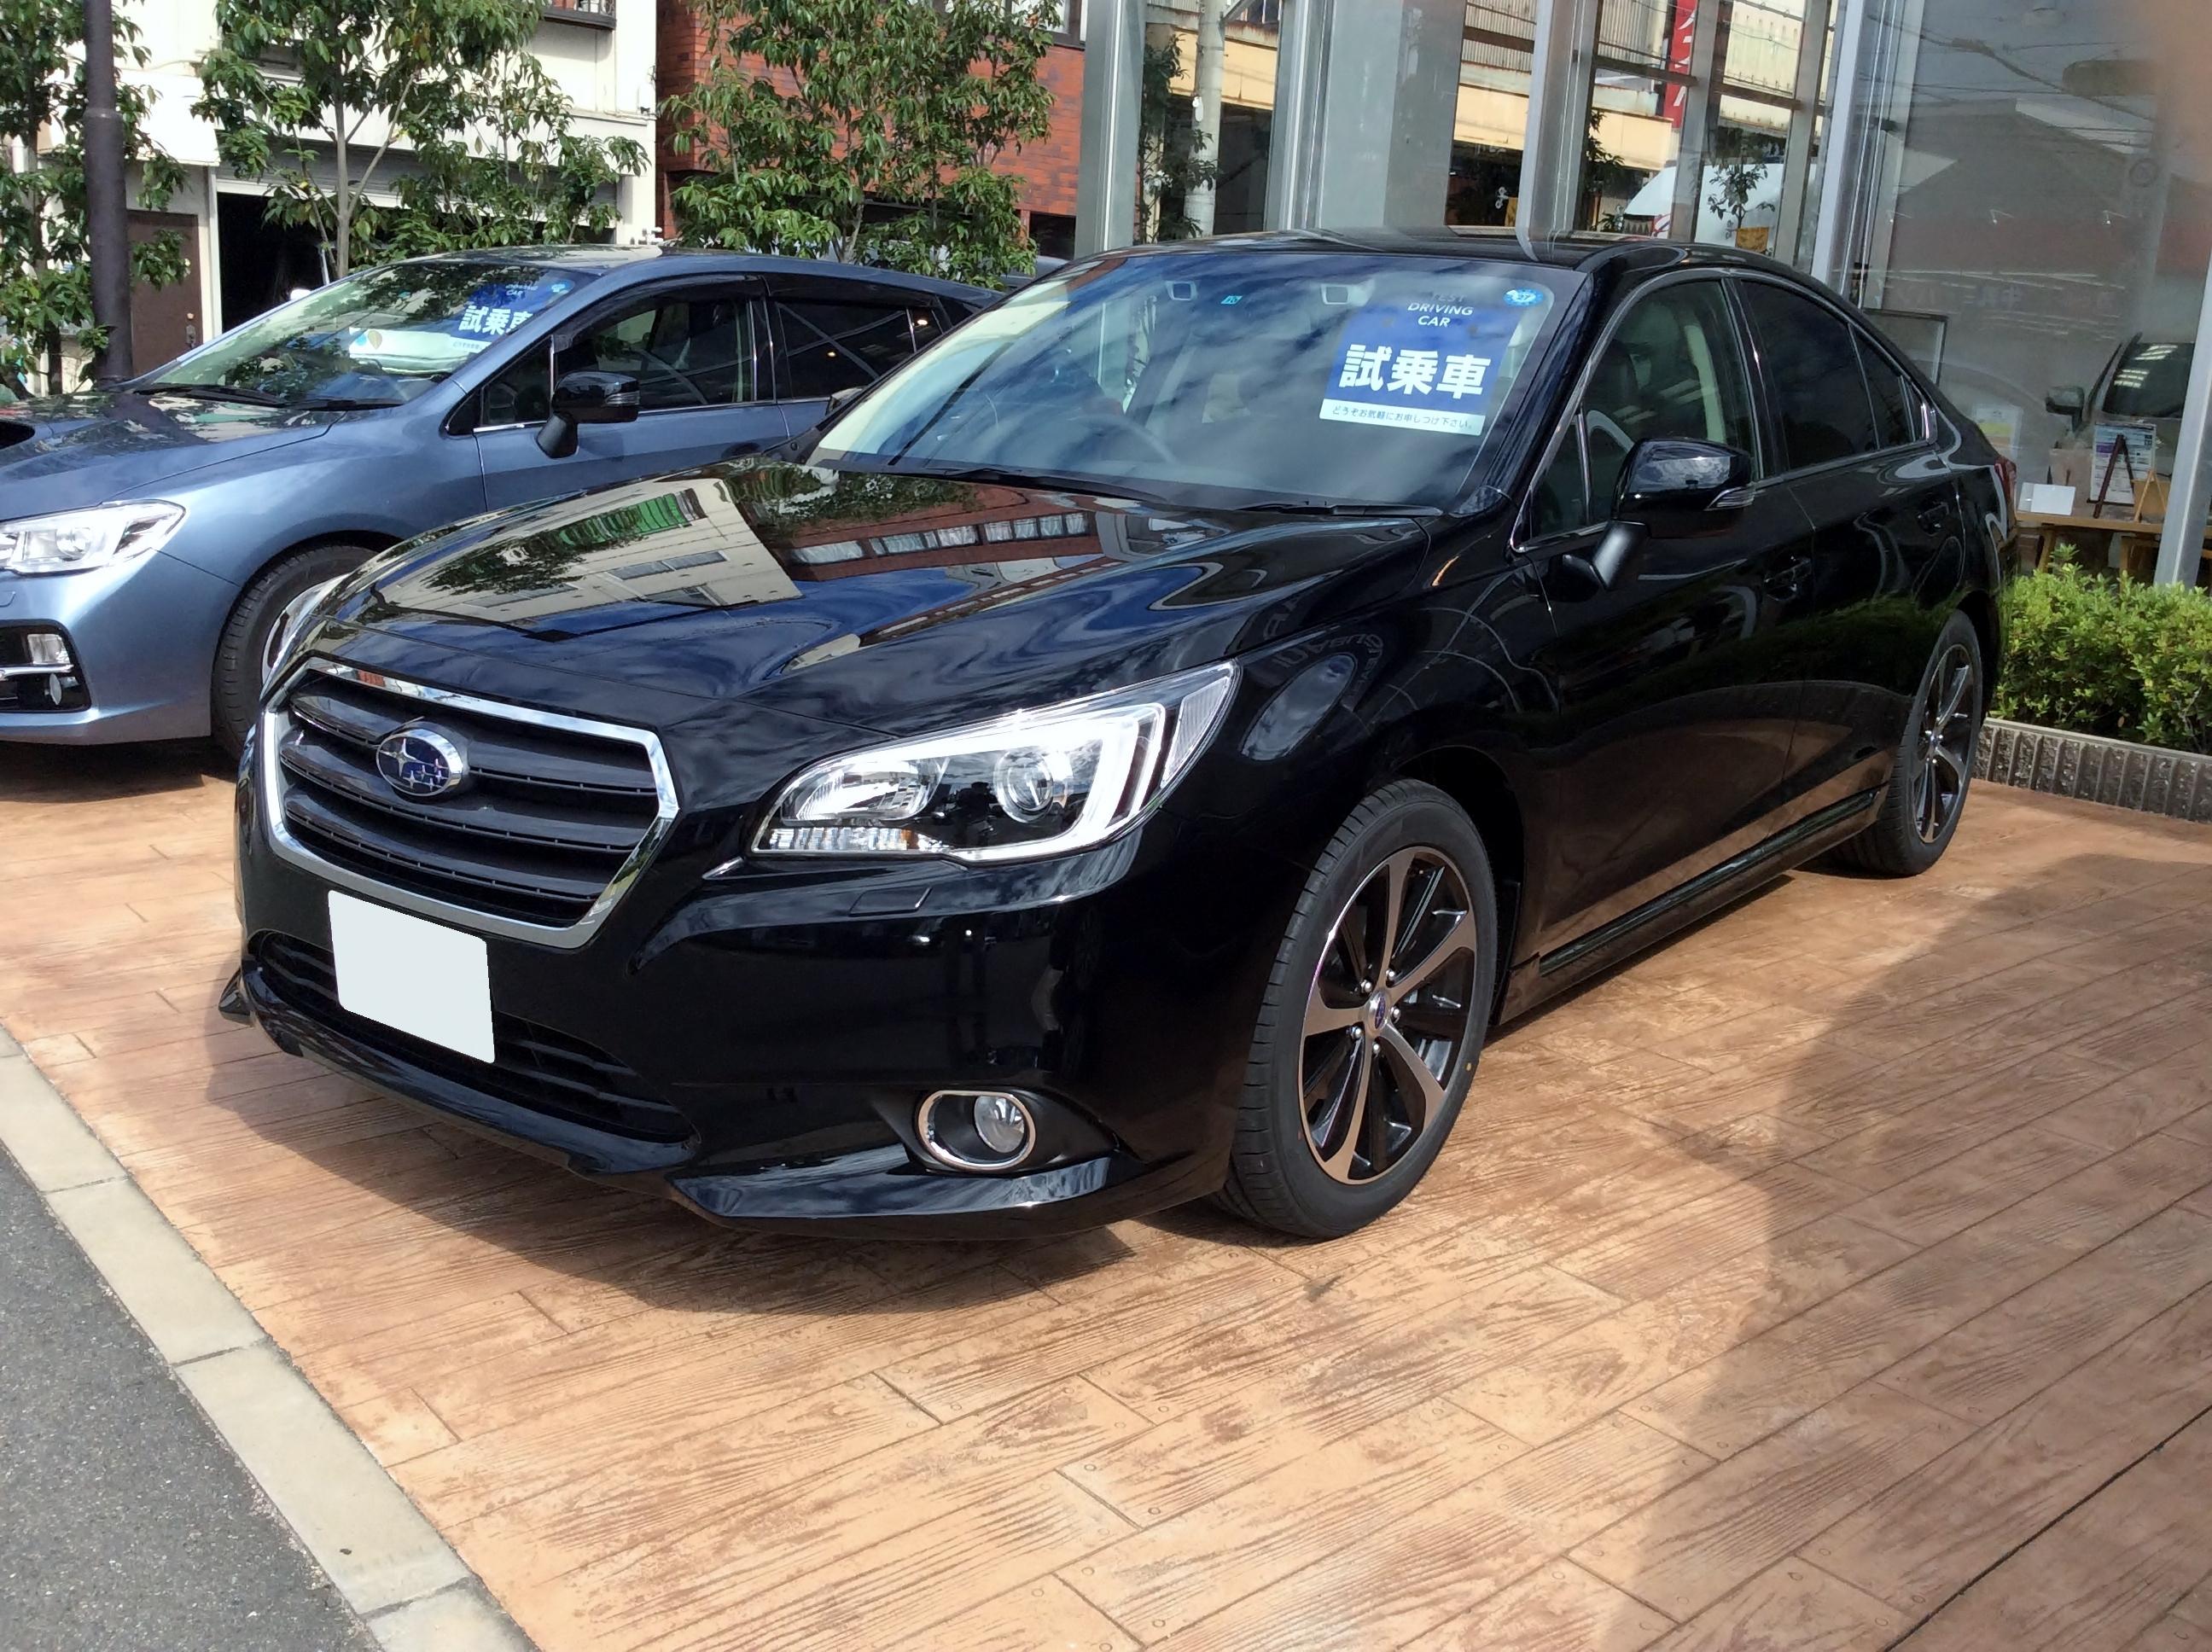 Subaru Legacy – Wikipedia